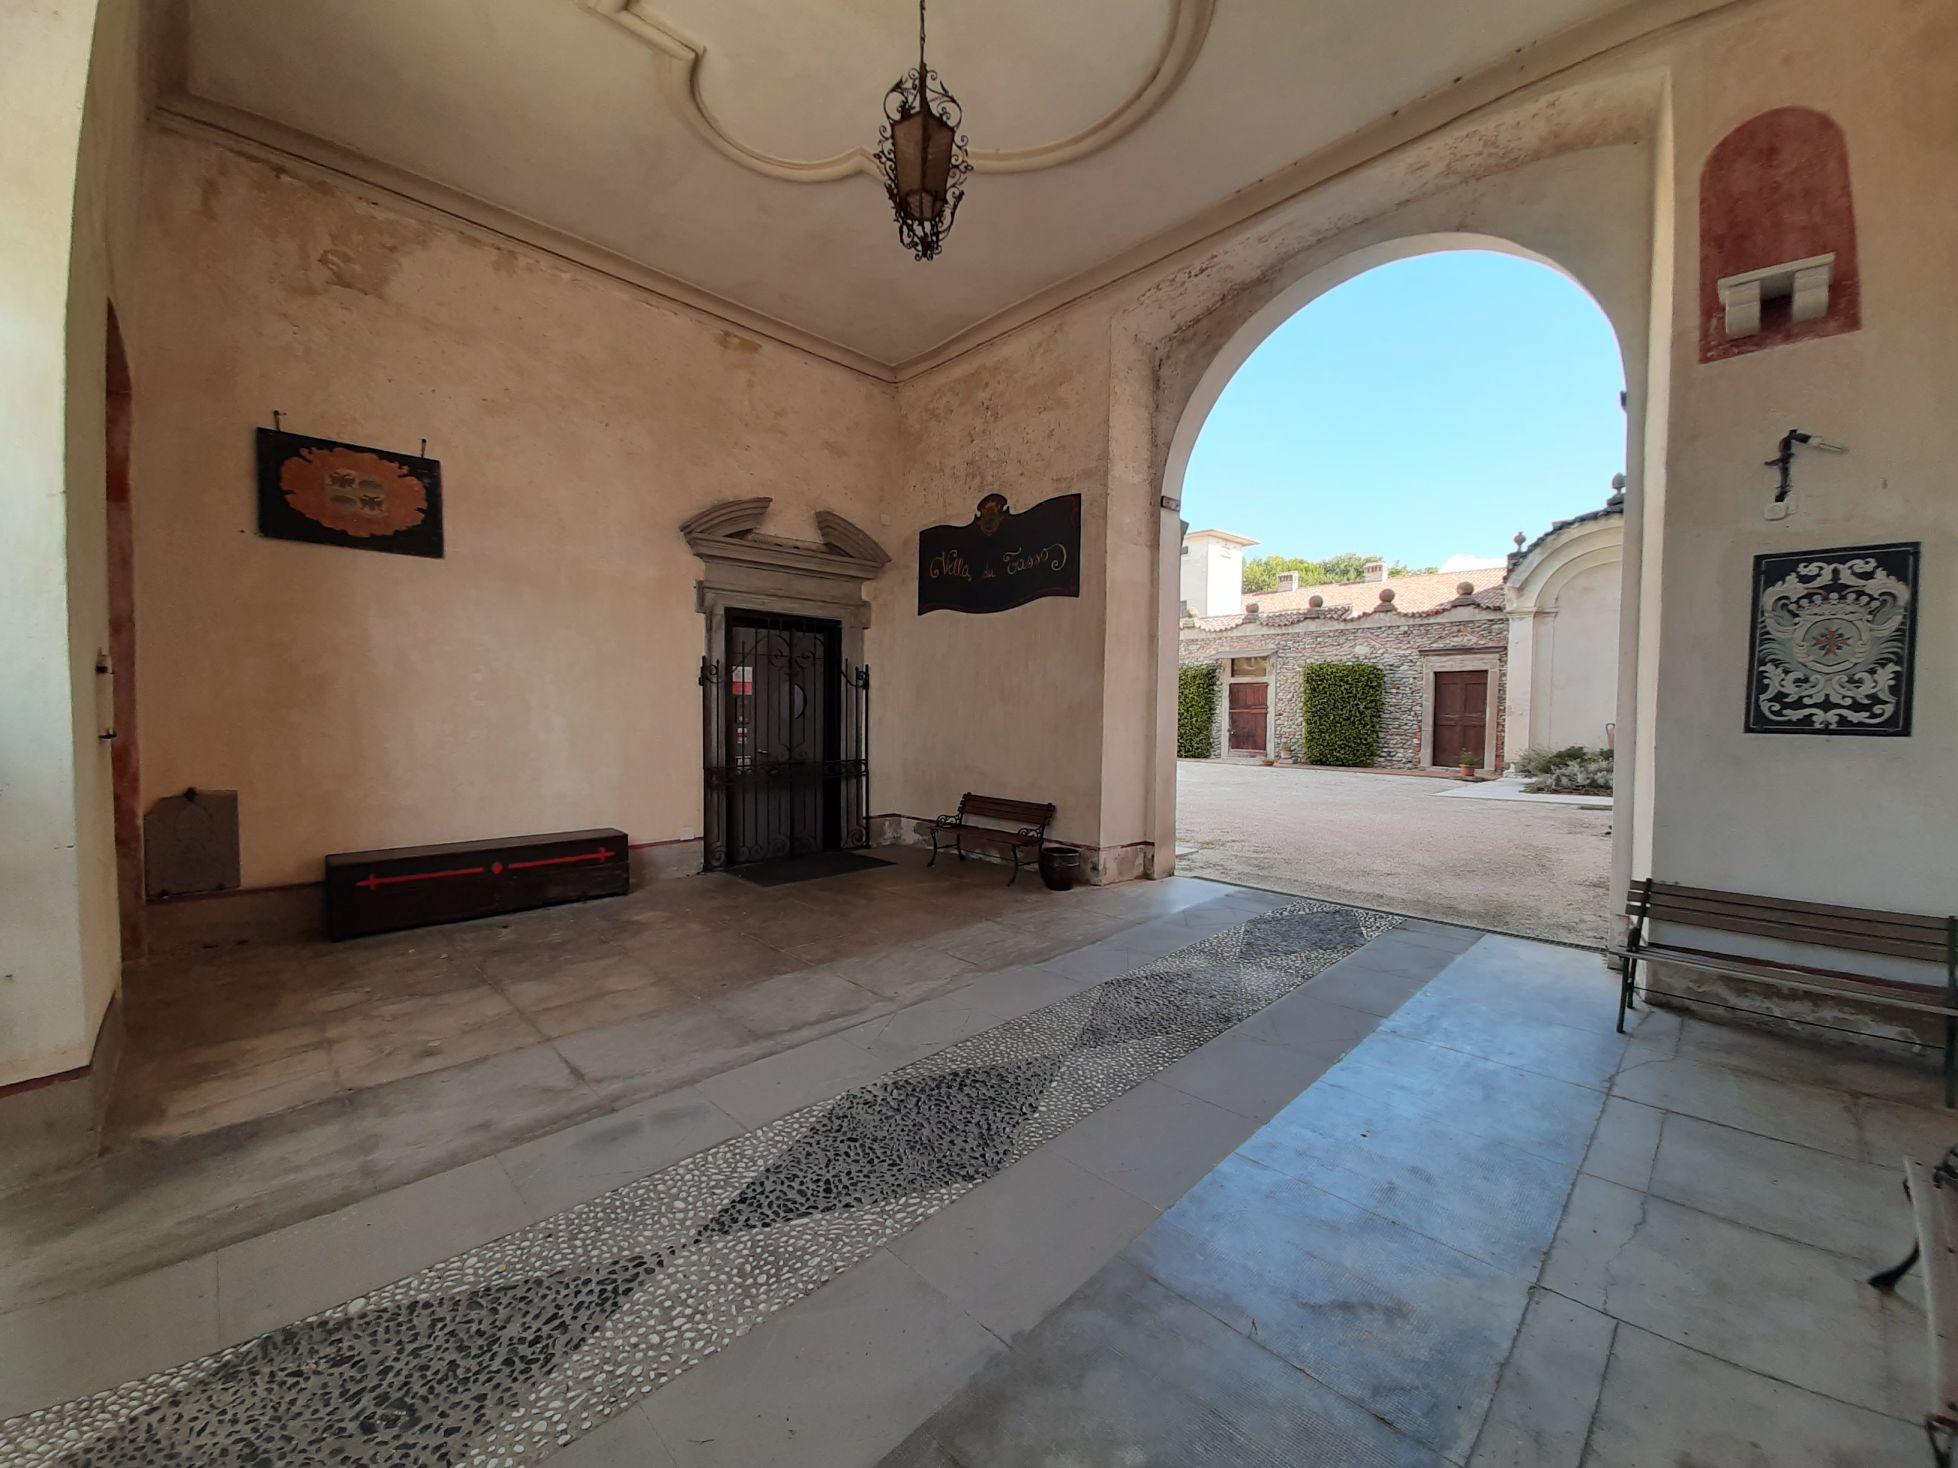 dimore quartetto La Celadina - Villa dei Tasso 3 (1)